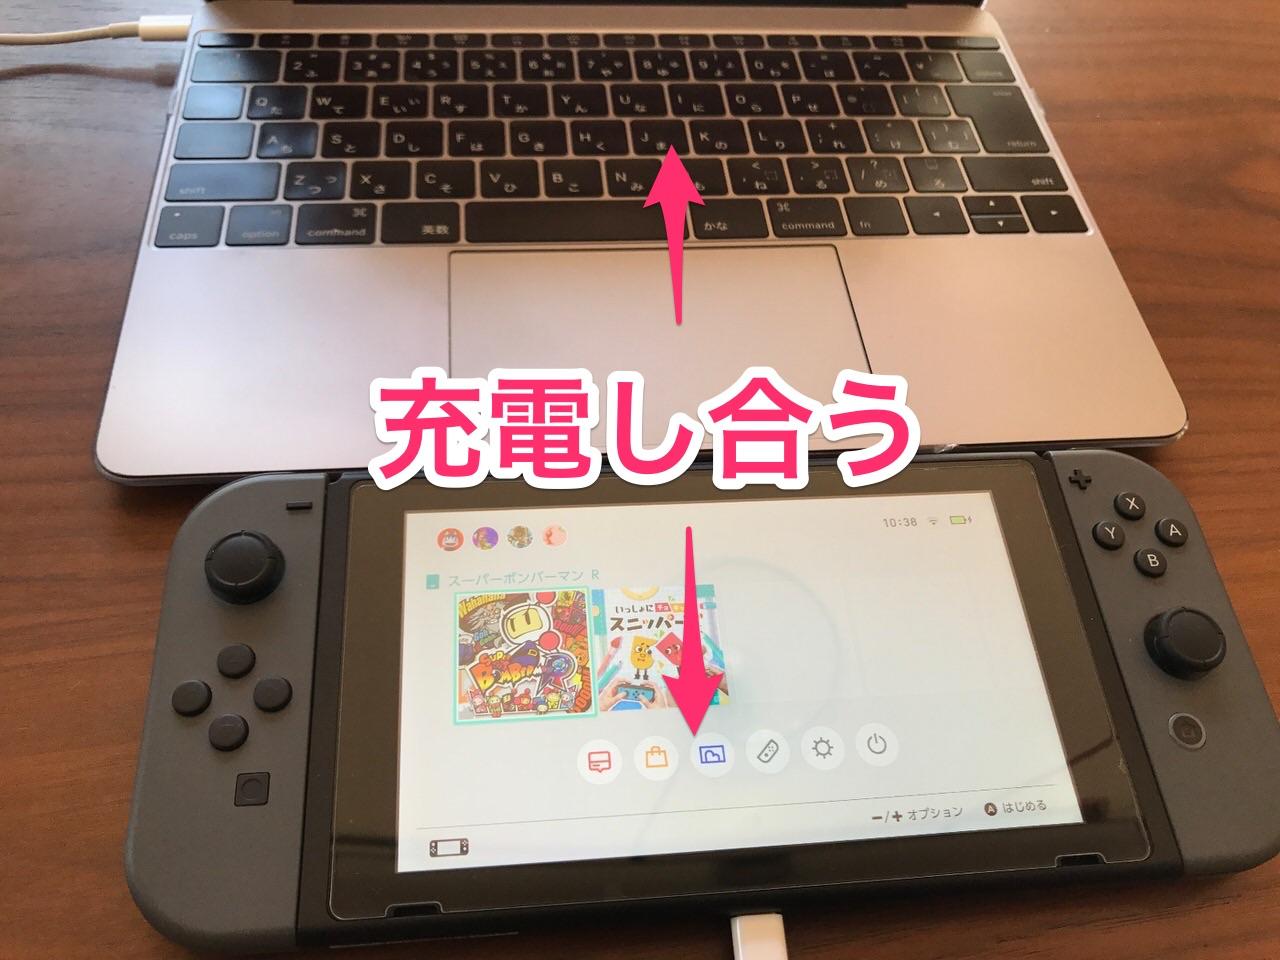 Nintendo switch macbook 03818